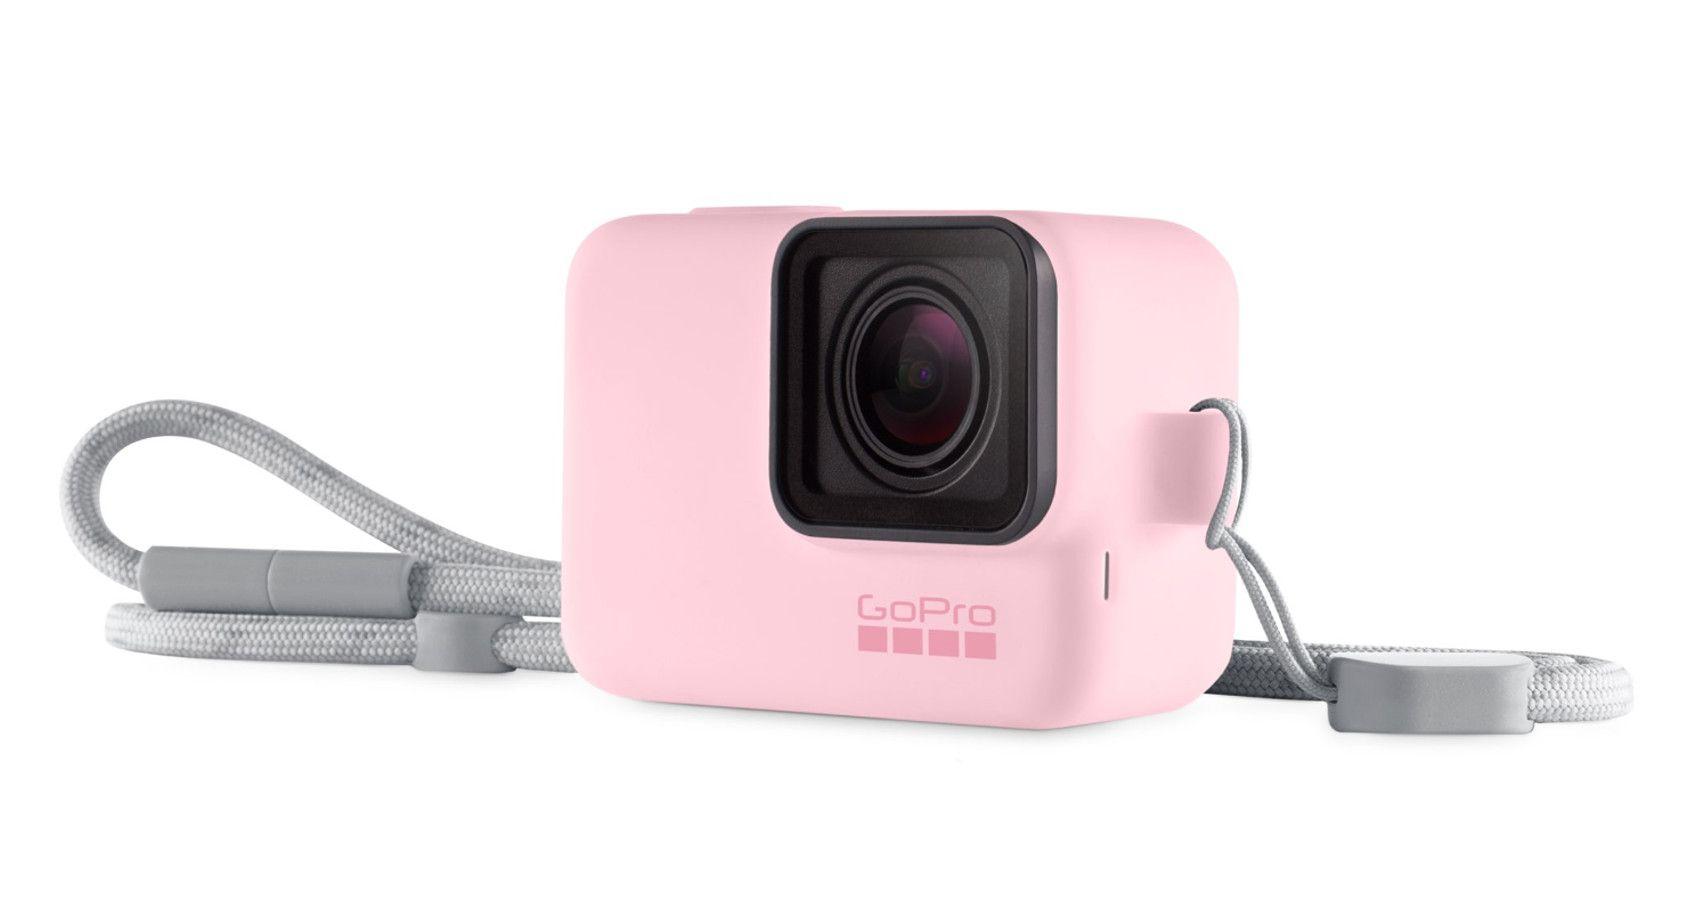 Capa de Silicone + Cordão GoPro Sleeve Rosa Original  ACSST-004 Hero 5/6/7